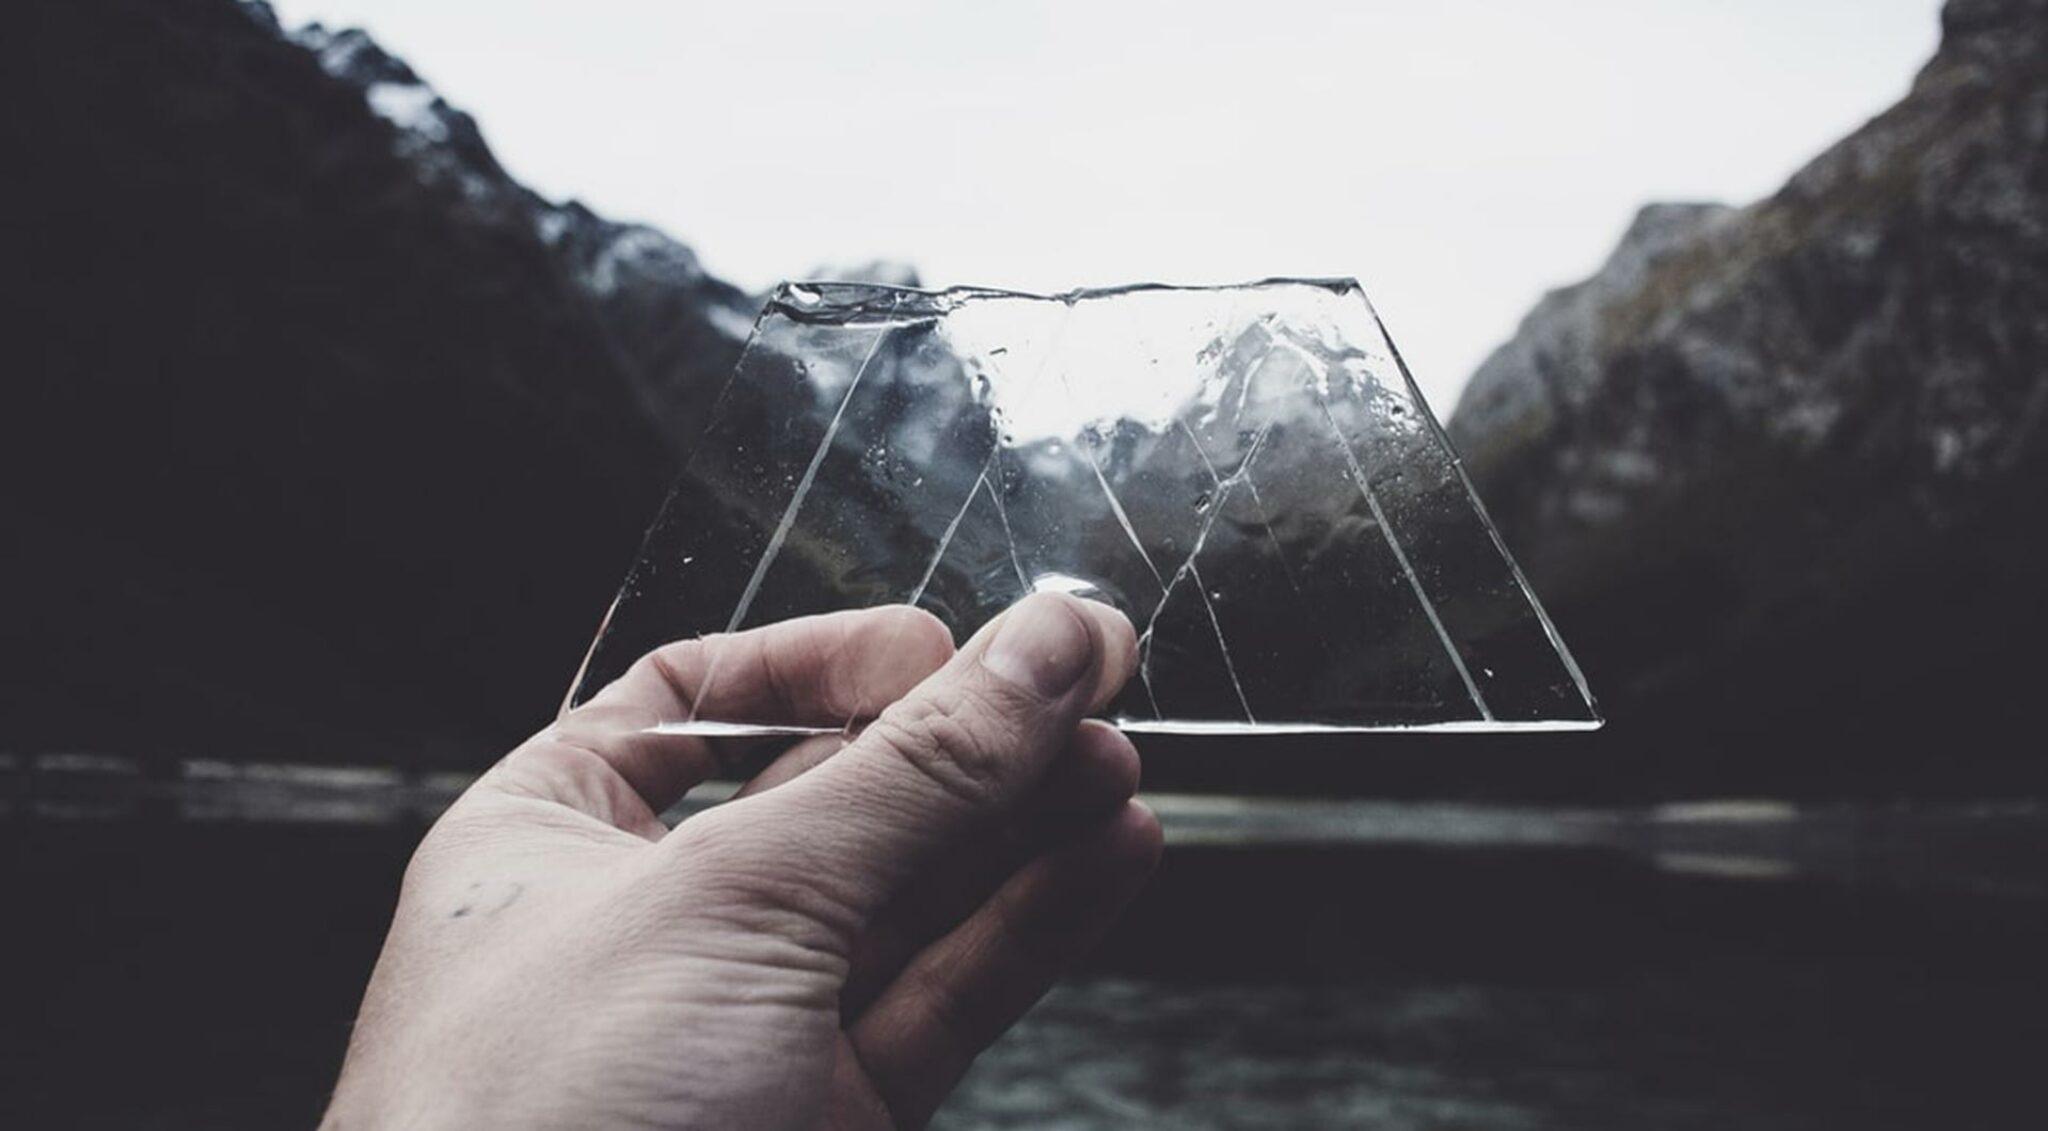 Jemand hält ein bergförmiges Stück Eis vor Berge und einen See.